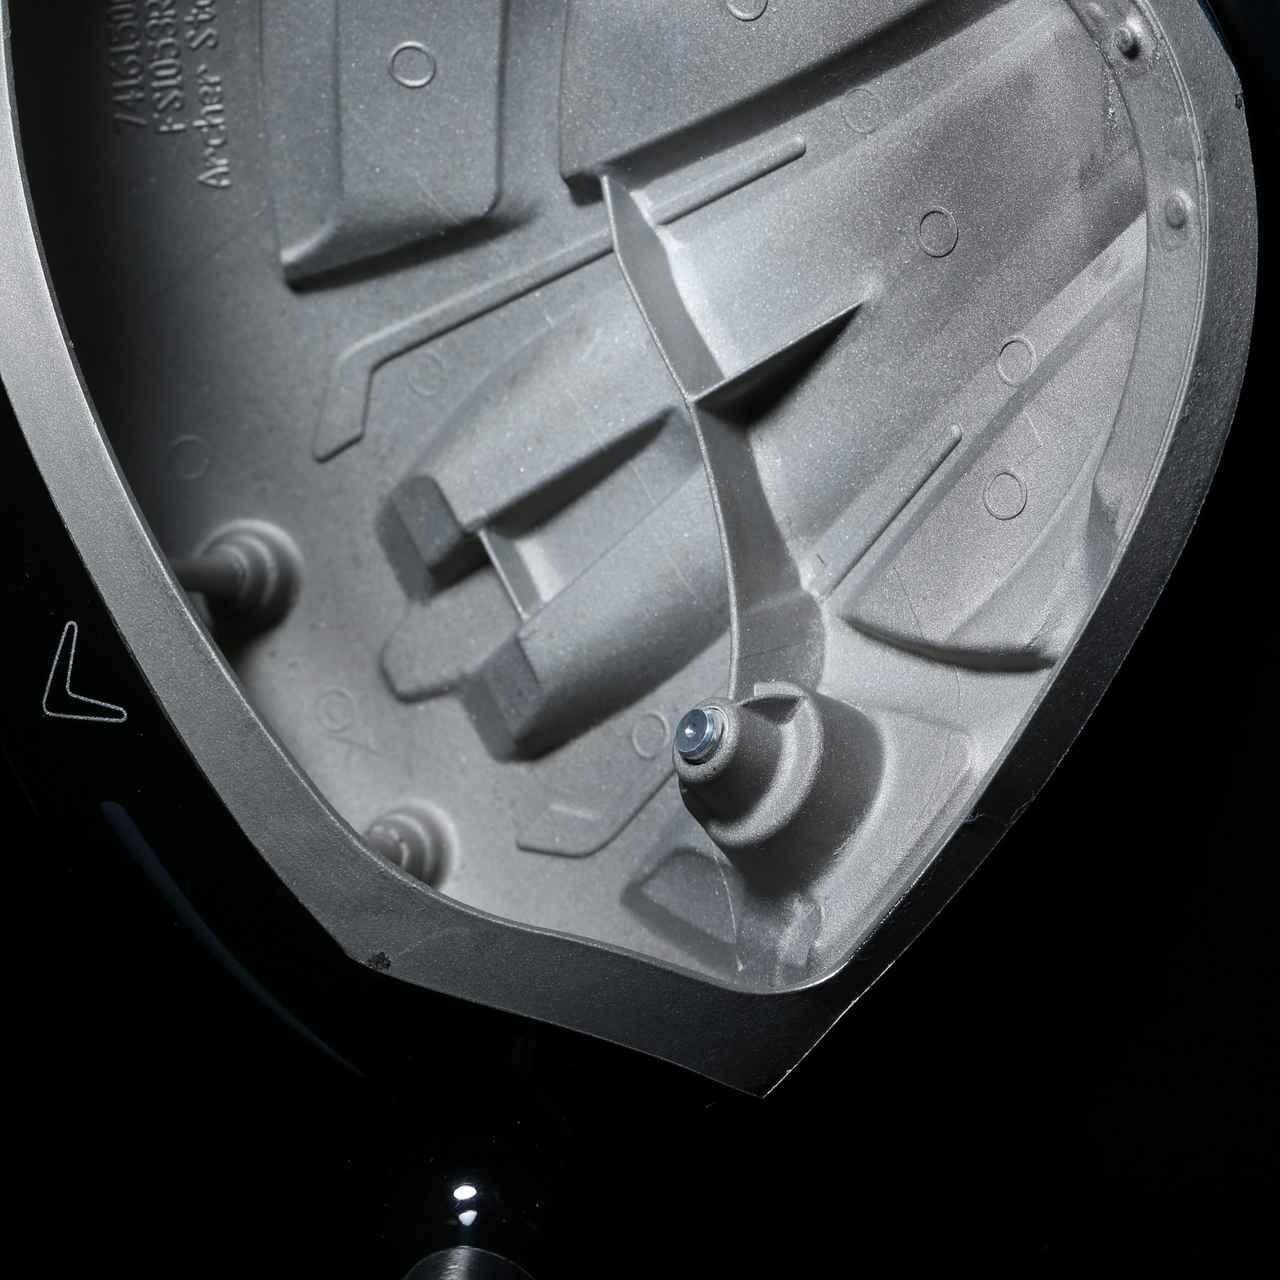 画像: ローグのウェートはヒール寄りにある。大型ヘッドのターンを促し、ボールをつかまえやすく、ドローを打ちやすくした。